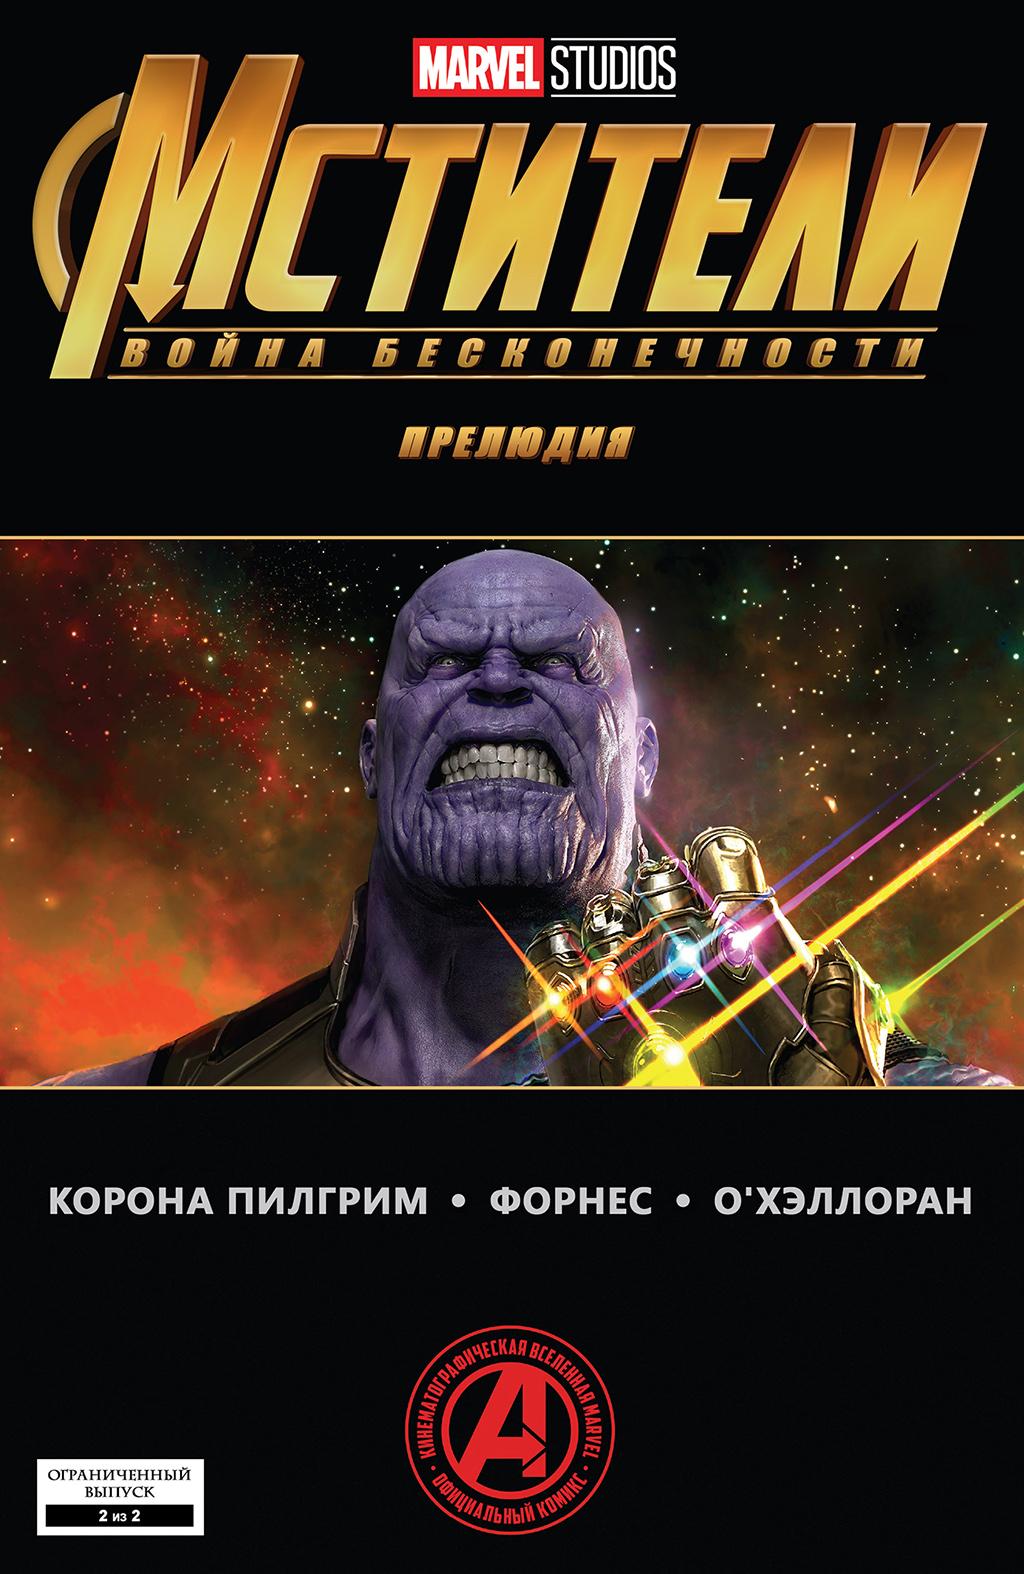 Комикс Мстители: Война Бесконечности: Прелюдия